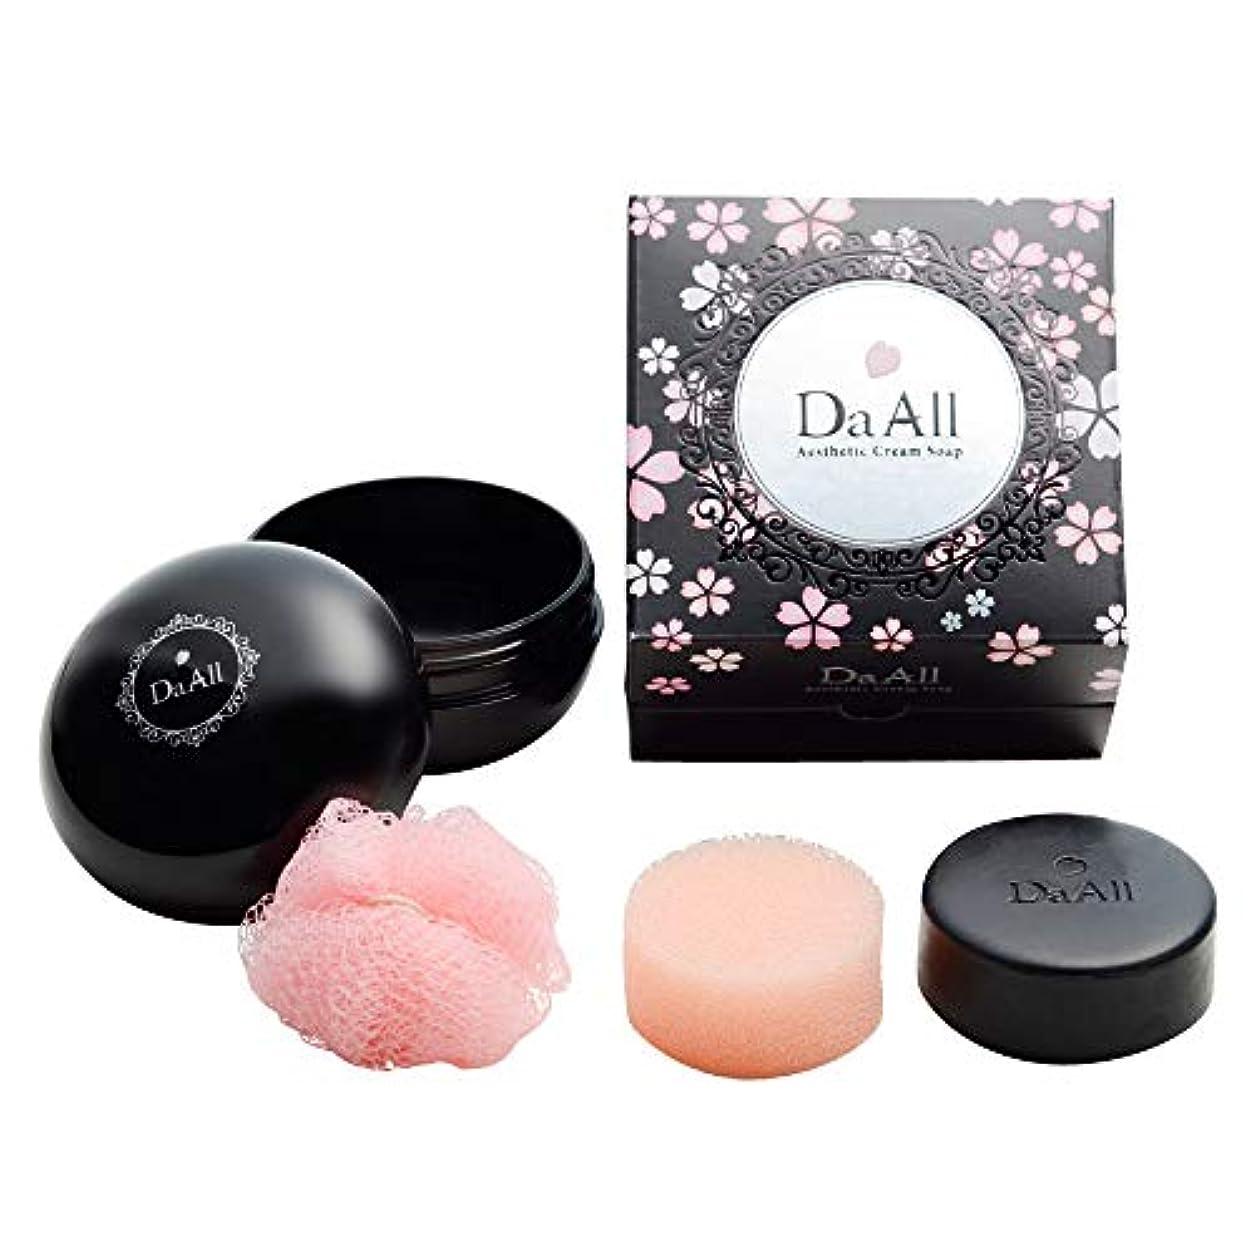 二混合倍率日本製 美容成分高配合洗顔石鹸 メイク落とし 洗顔 保湿 ダオルエステティッククリームソープ マカロンケースセット